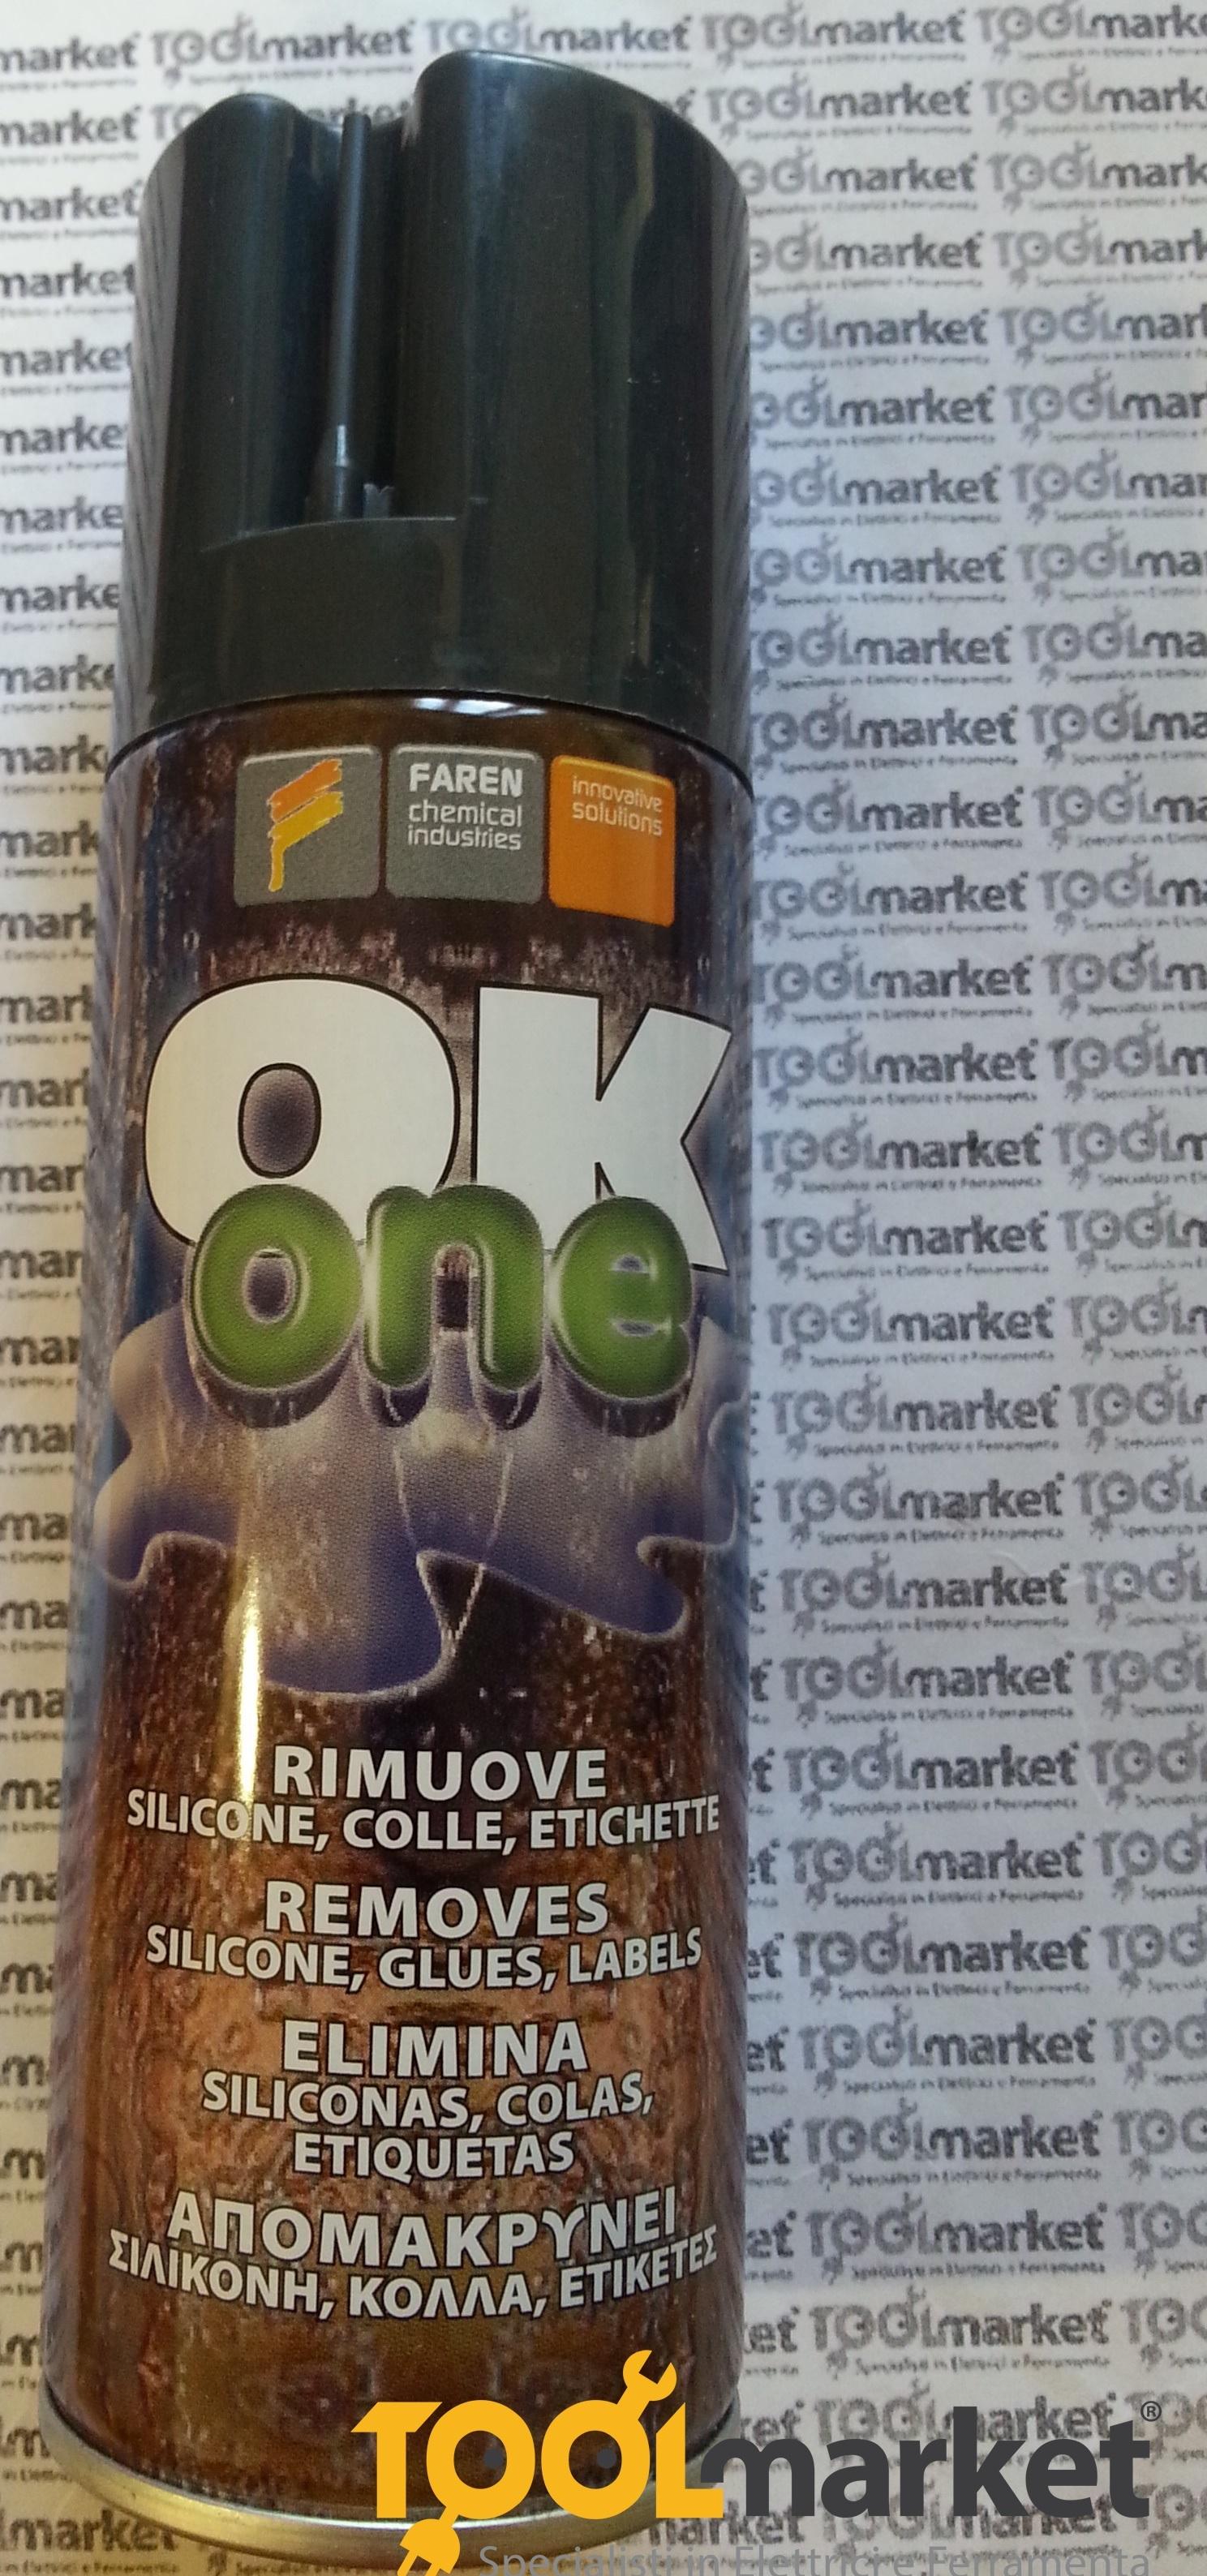 Sciogli silicone Ok One spray Faren 200 ml